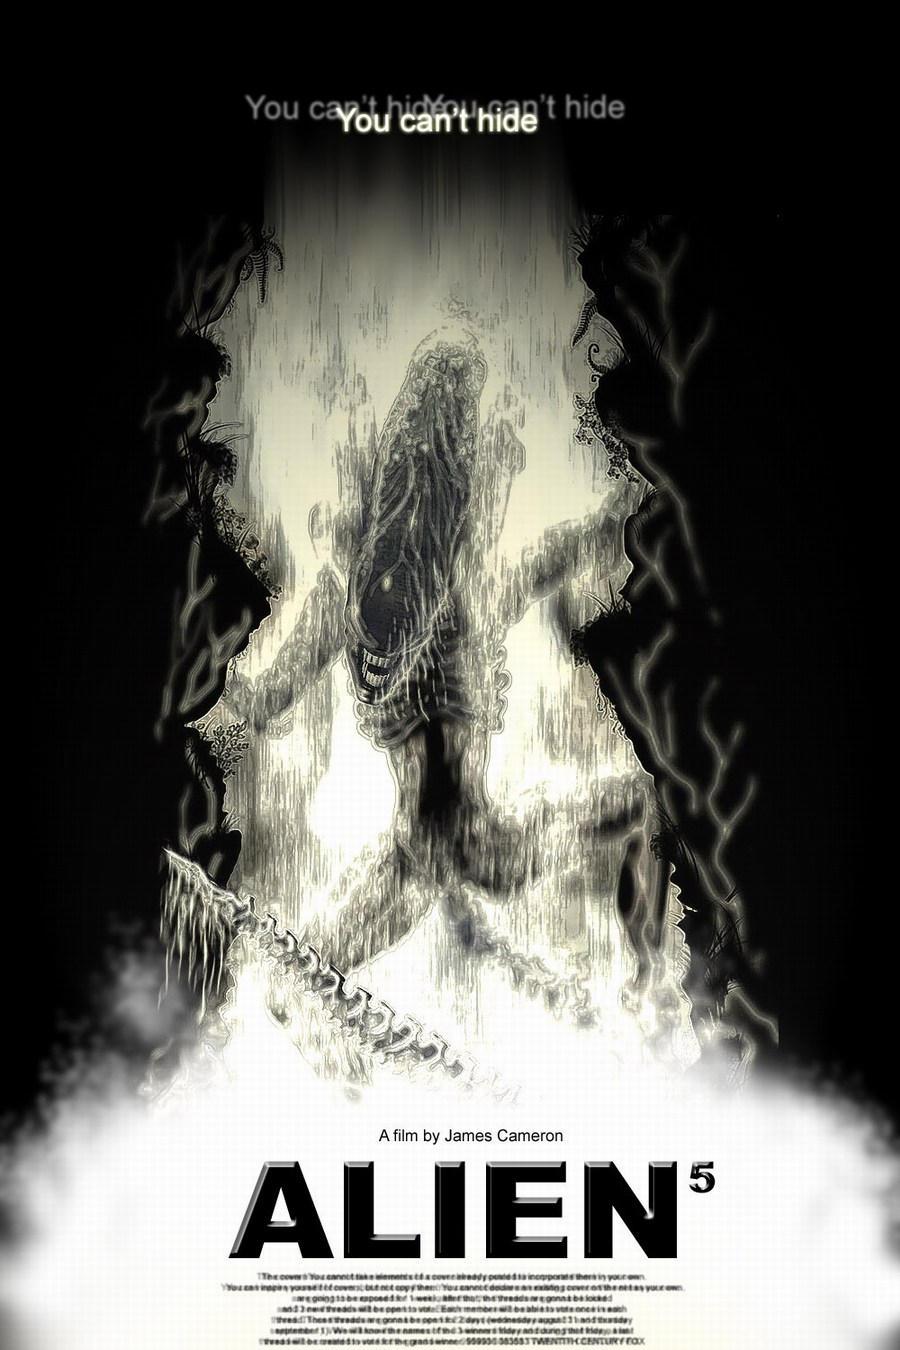 Alien 5 Film